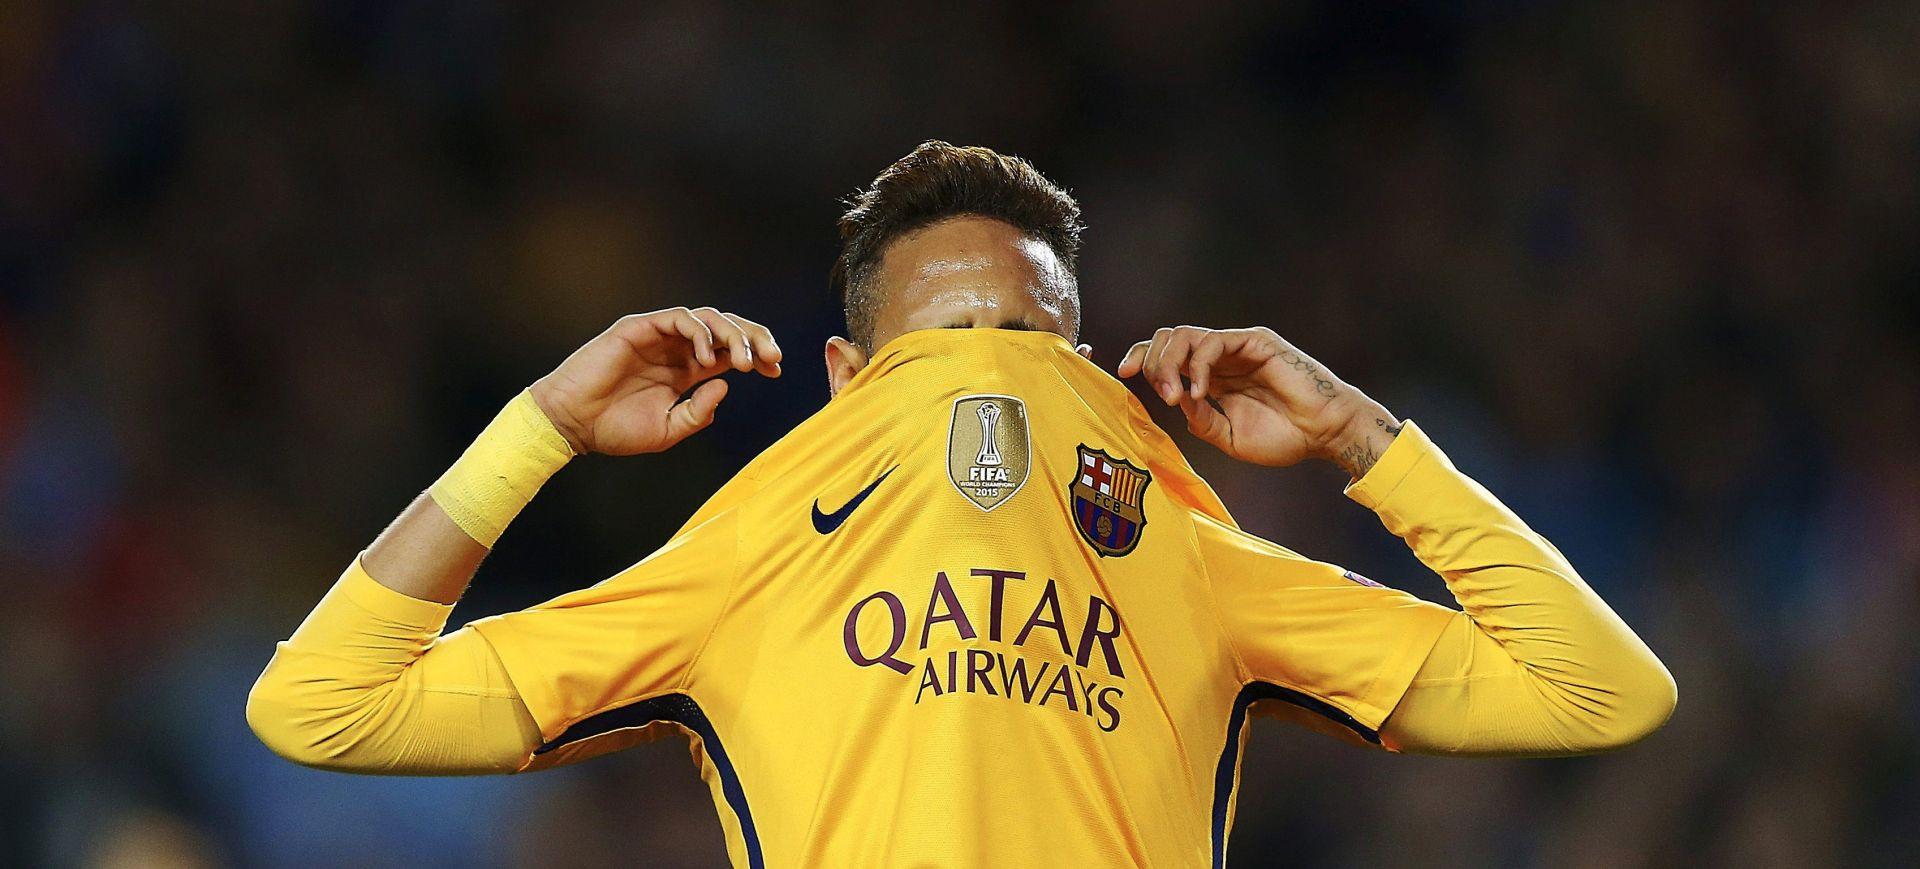 PREVARA I KORUPCIJA Španjolski sud odbacio tužbu protiv Neymara